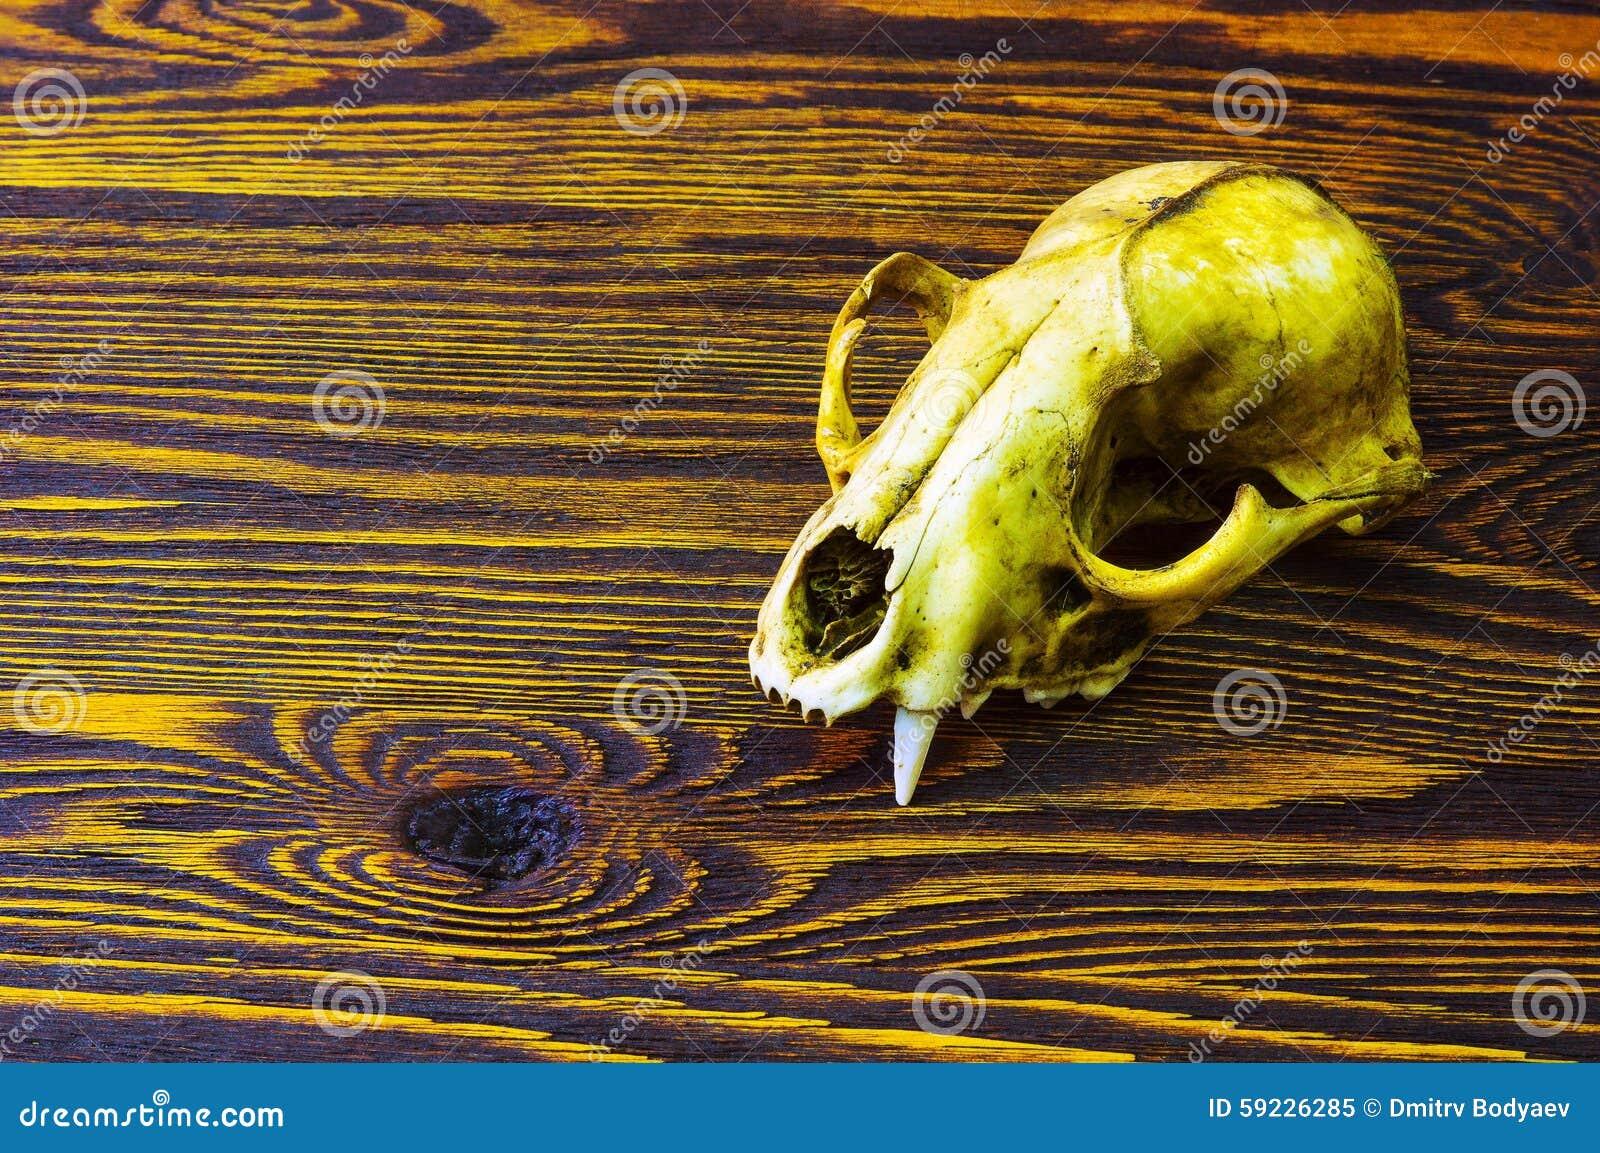 Cráneo de un animal en una tabla de madera